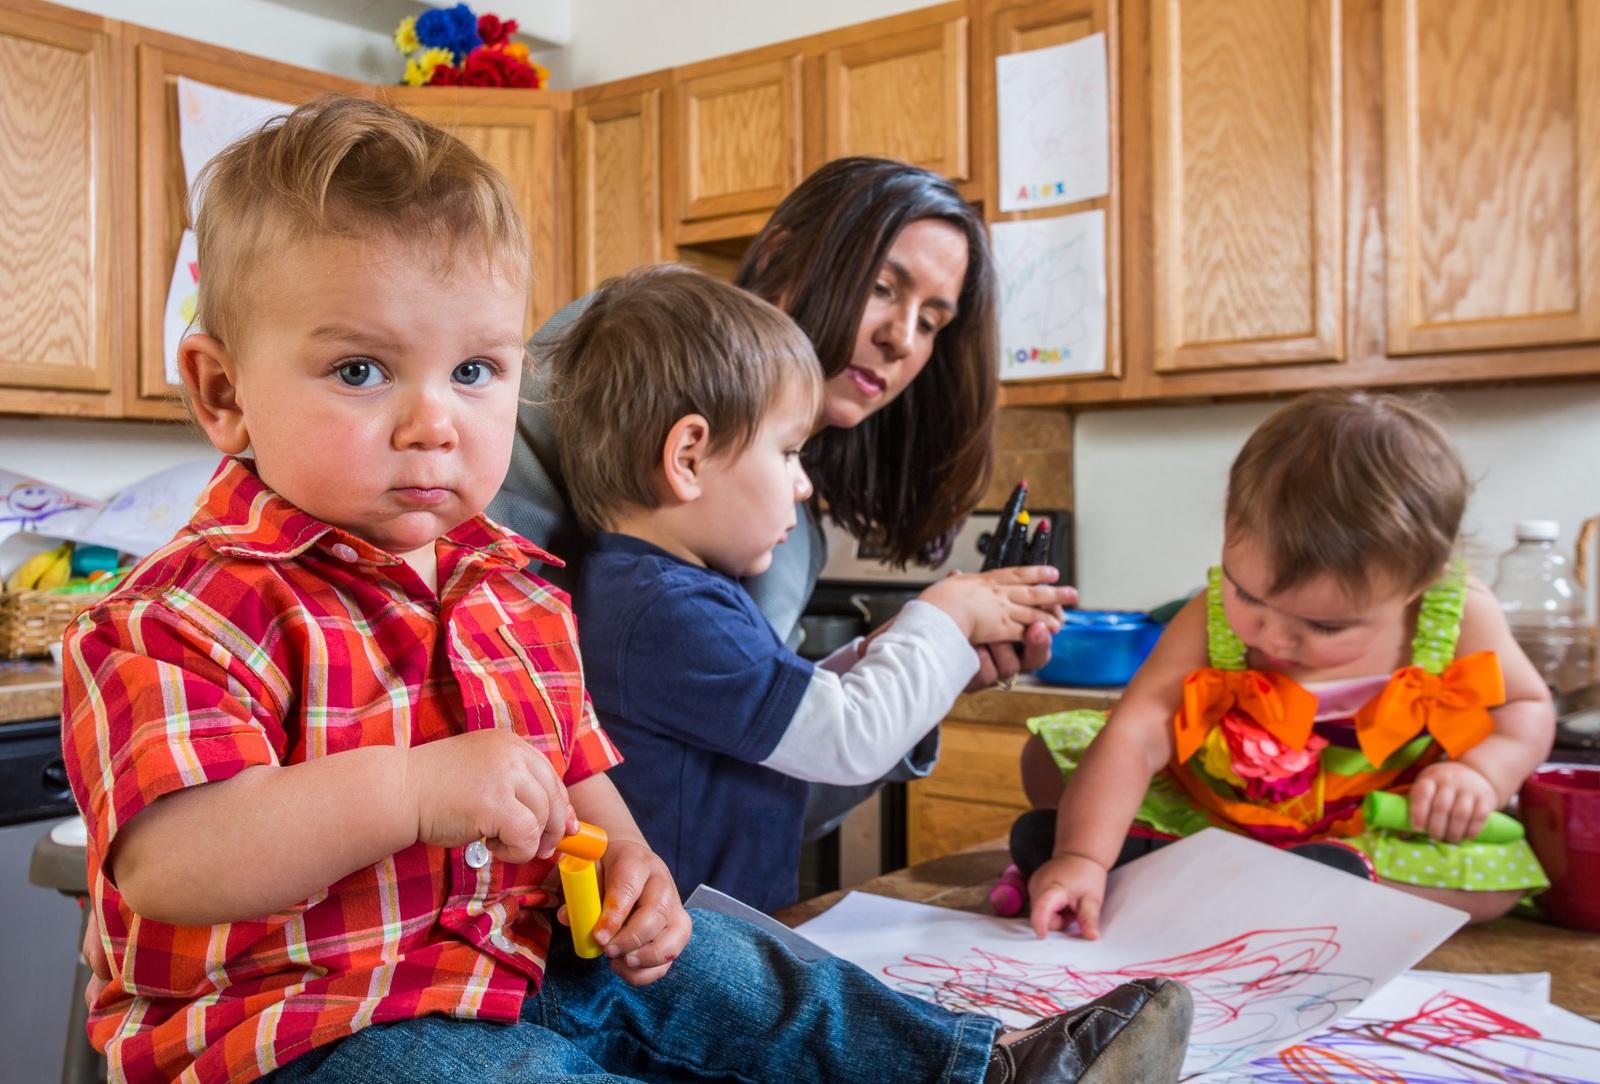 Картинки по запросу Воспитательница в детском саду помогала одному из детей надеть ботинки